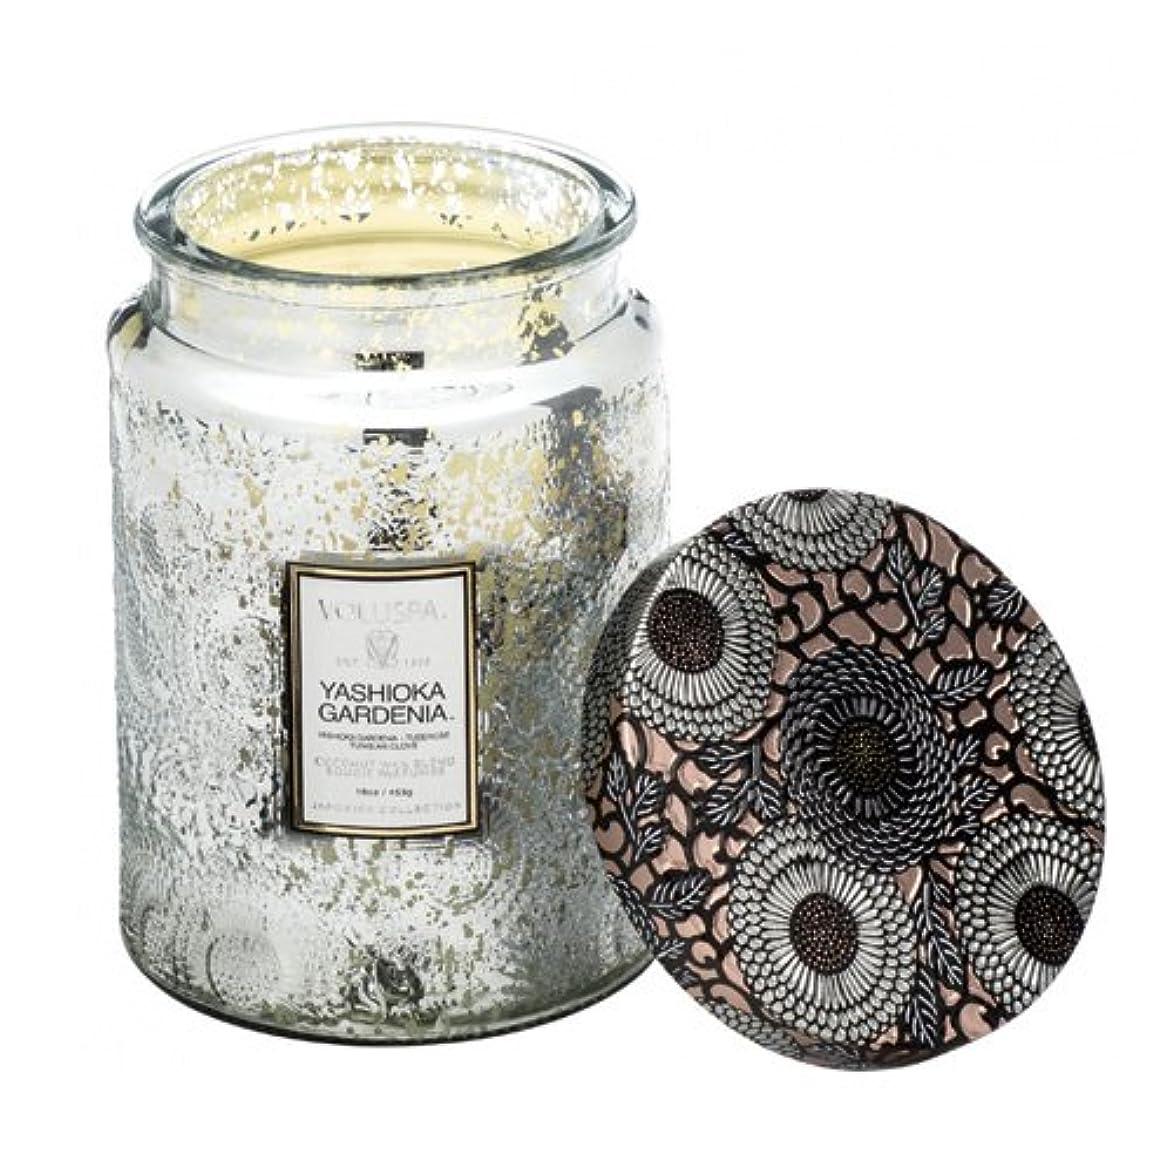 管理するリサイクルするブルジョンVoluspa ボルスパ ジャポニカ リミテッド グラスジャーキャンドル  L ヤシオカガーデニア YASHIOKA GARDENIA JAPONICA Limited LARGE EMBOSSED Glass jar candle